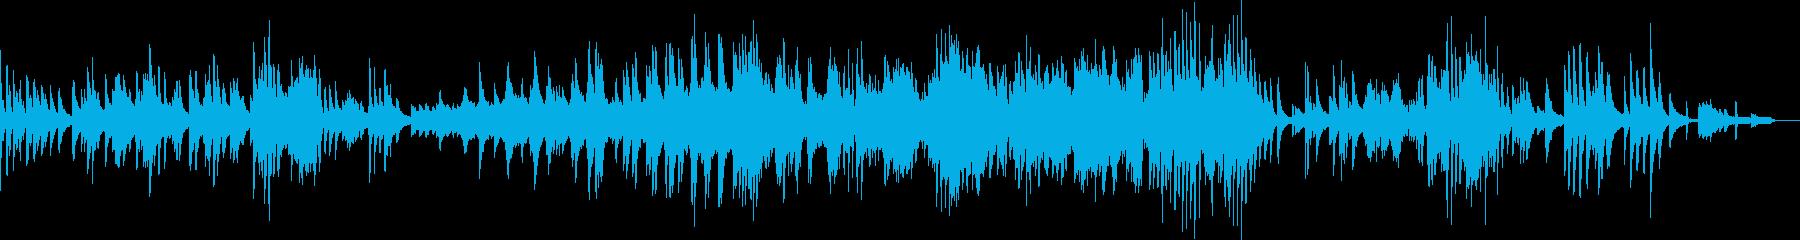 サイレントナイトのジャズピアノアレンジの再生済みの波形